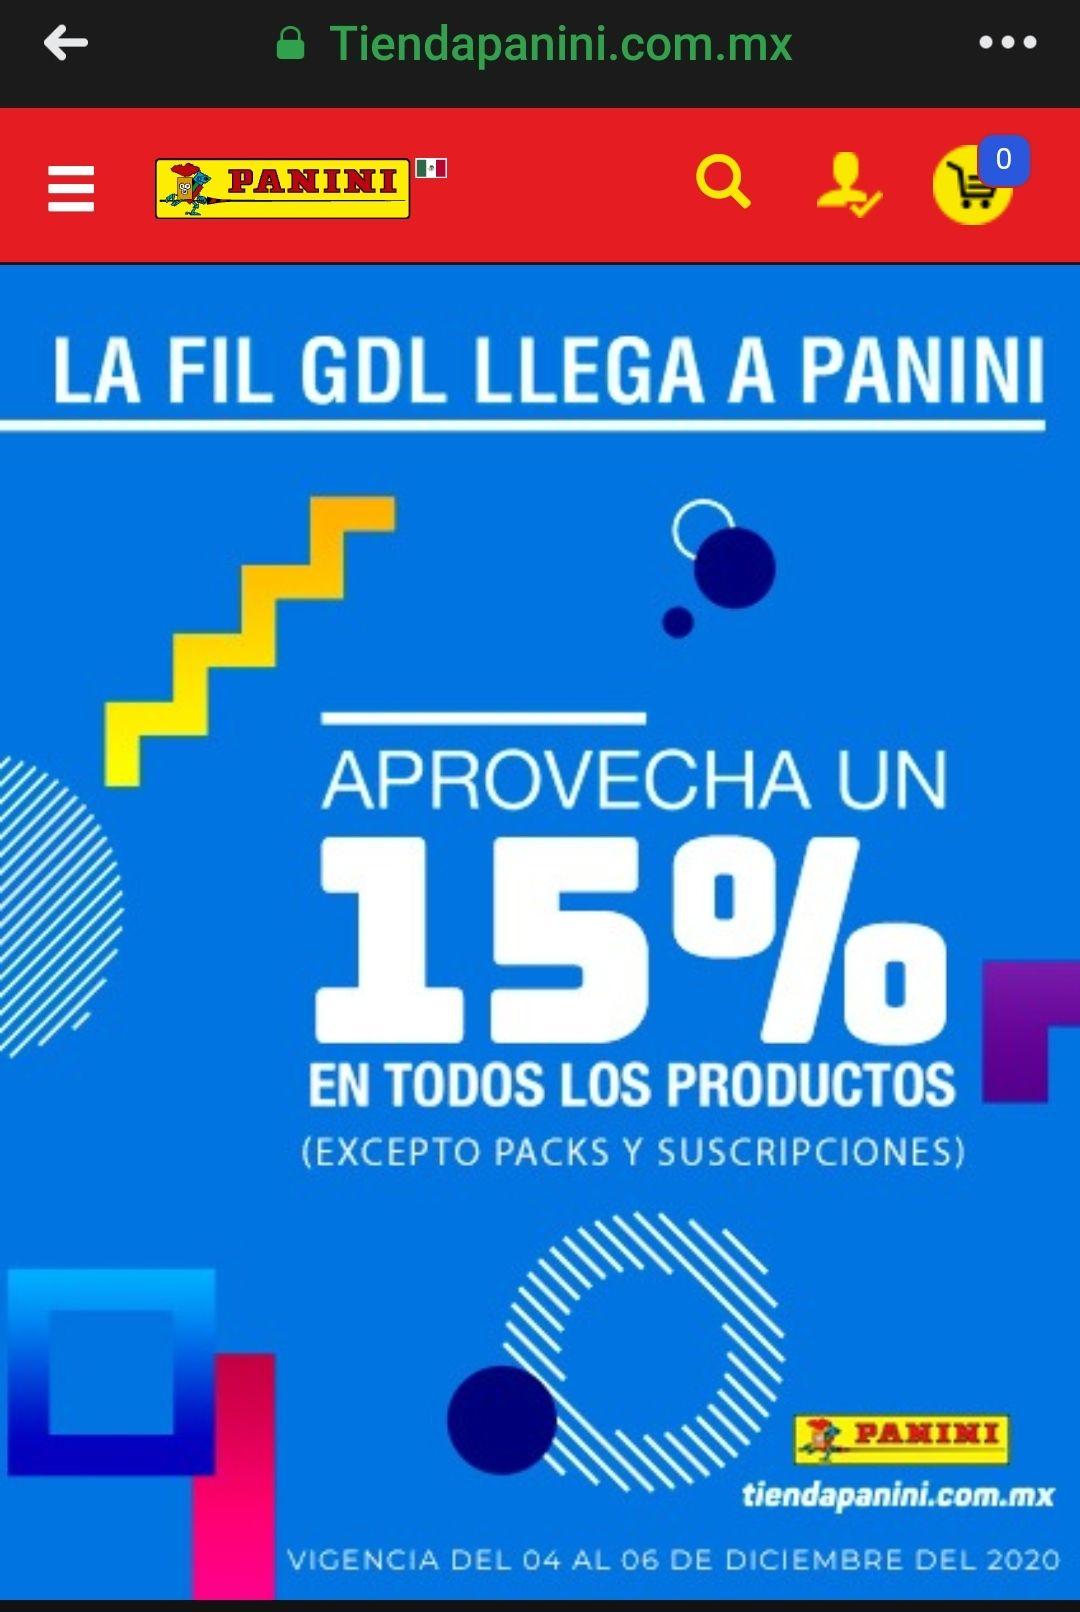 Panini: Descuento de 15% en mangas (para la cole)